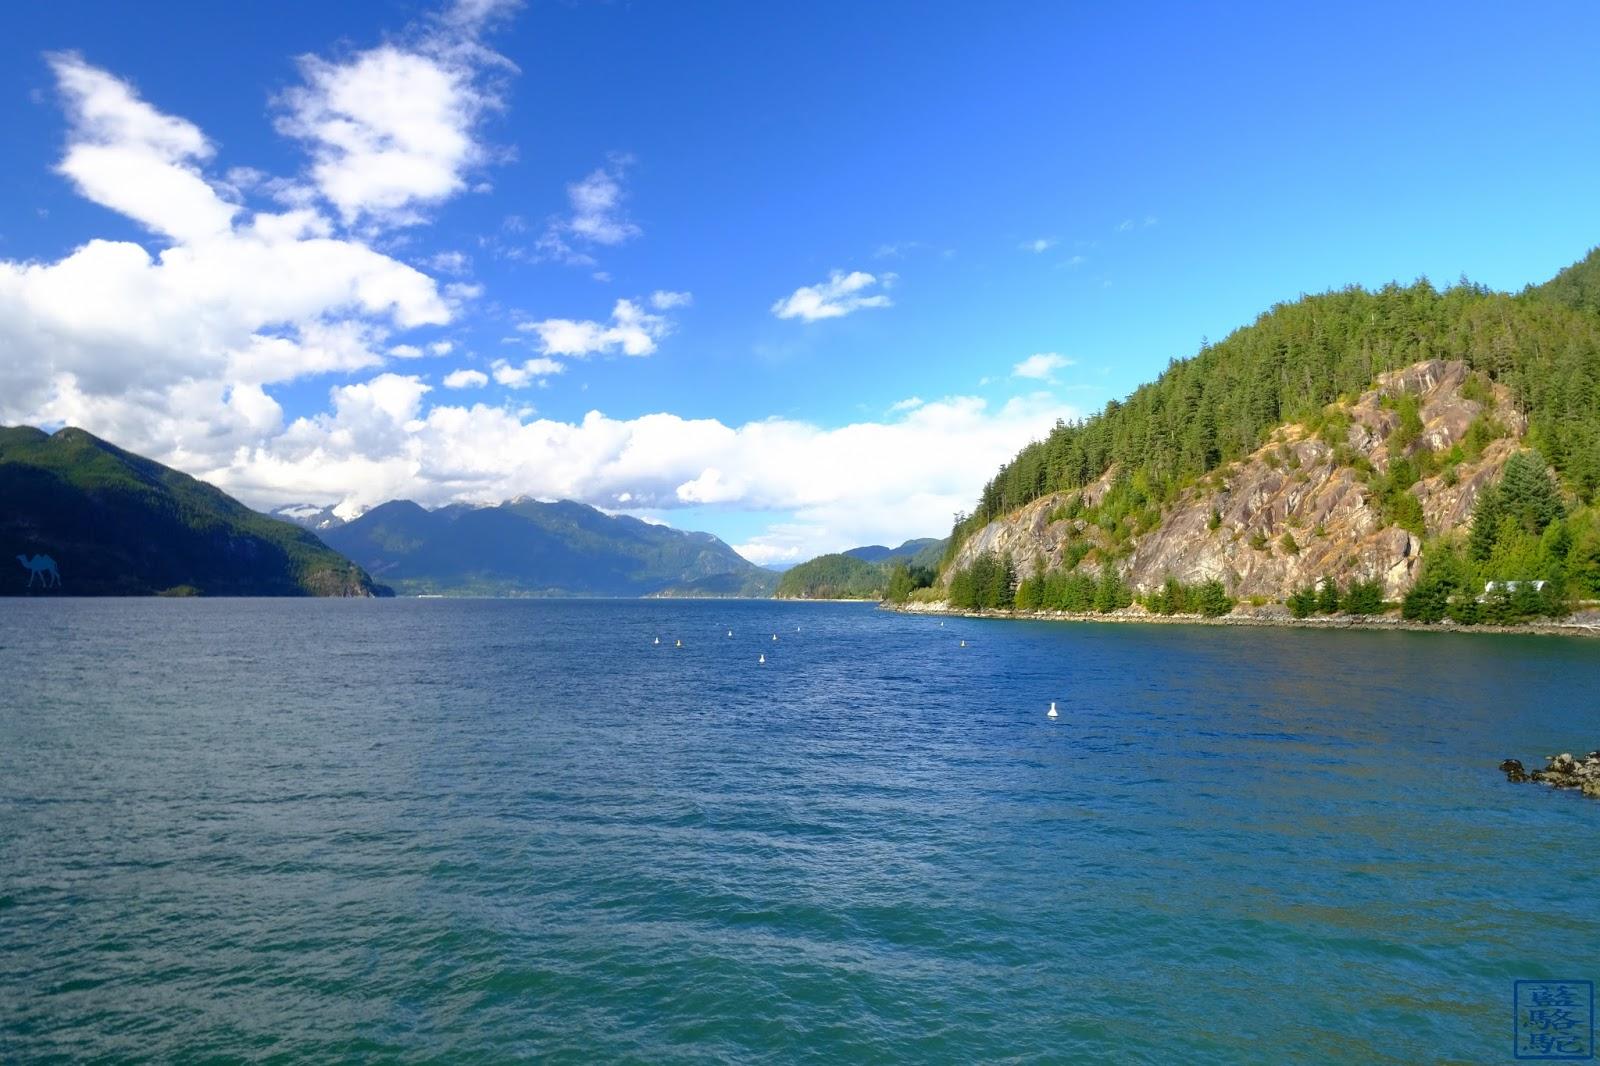 Le Chameau Bleu - Porteau Cove Provincial Park